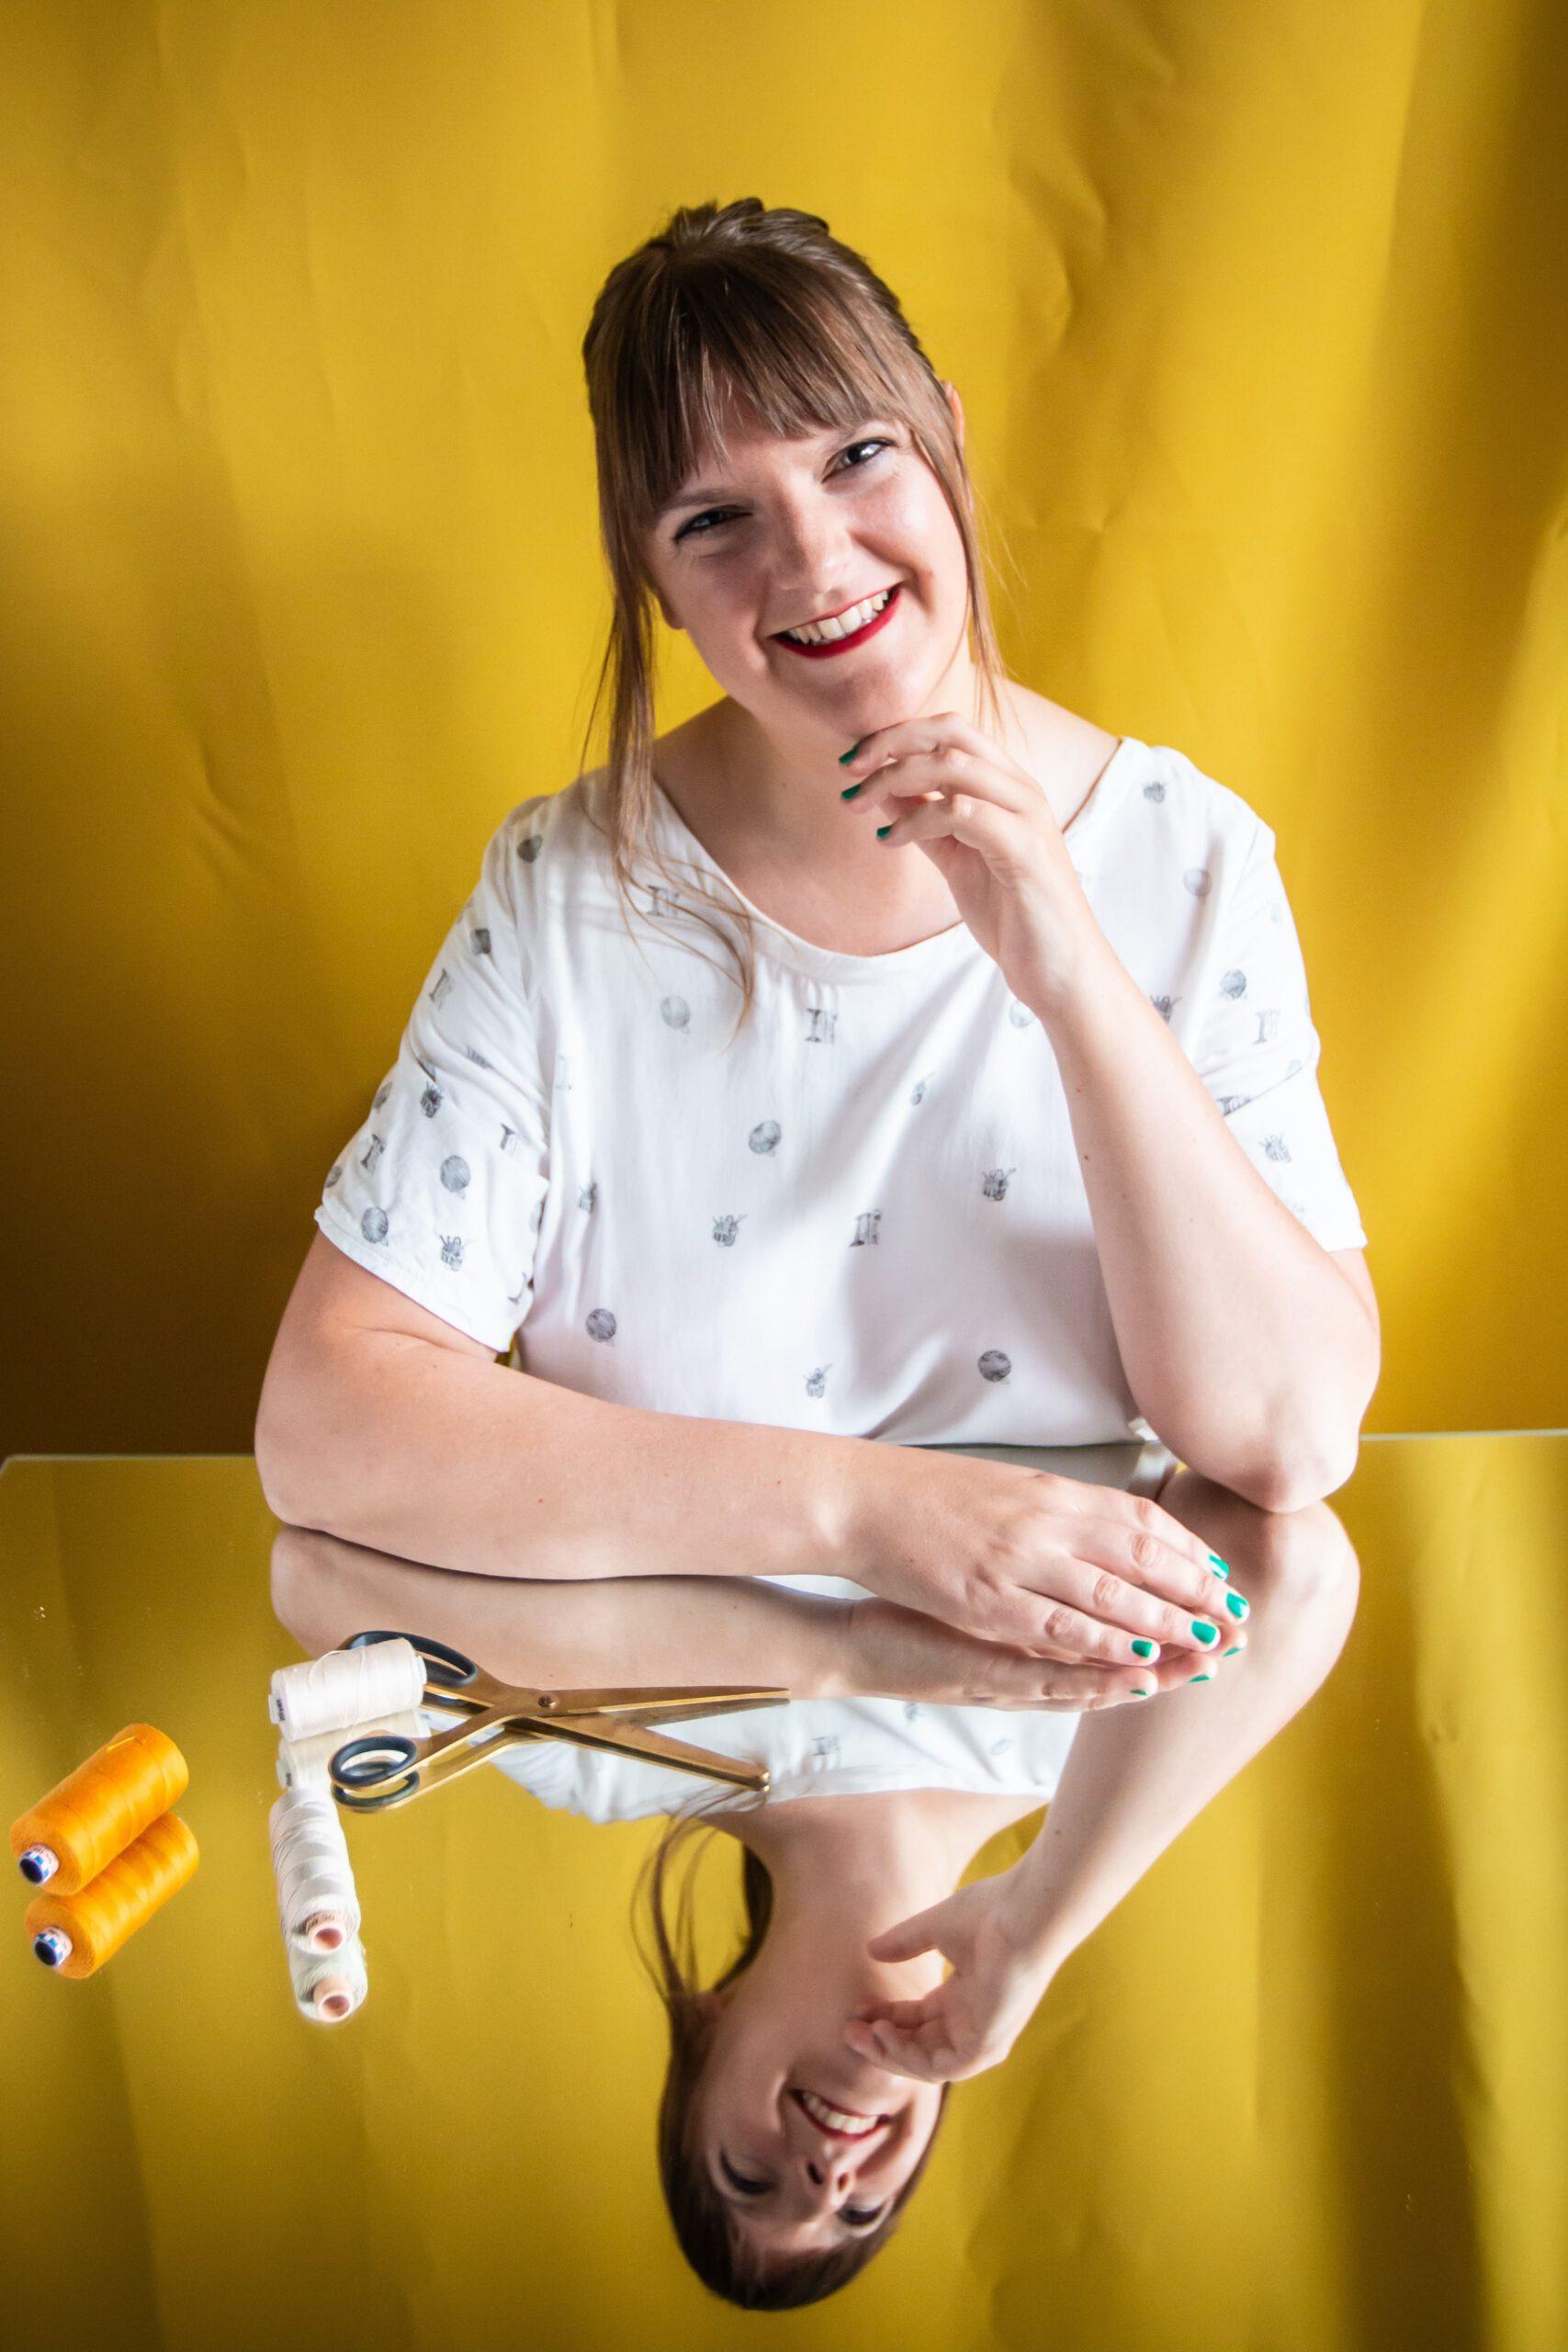 Tine Sews - Frau sitzt vor einem gelben Hintergrund und auf einem Spiegel vor ihr liegen Nähutensilien